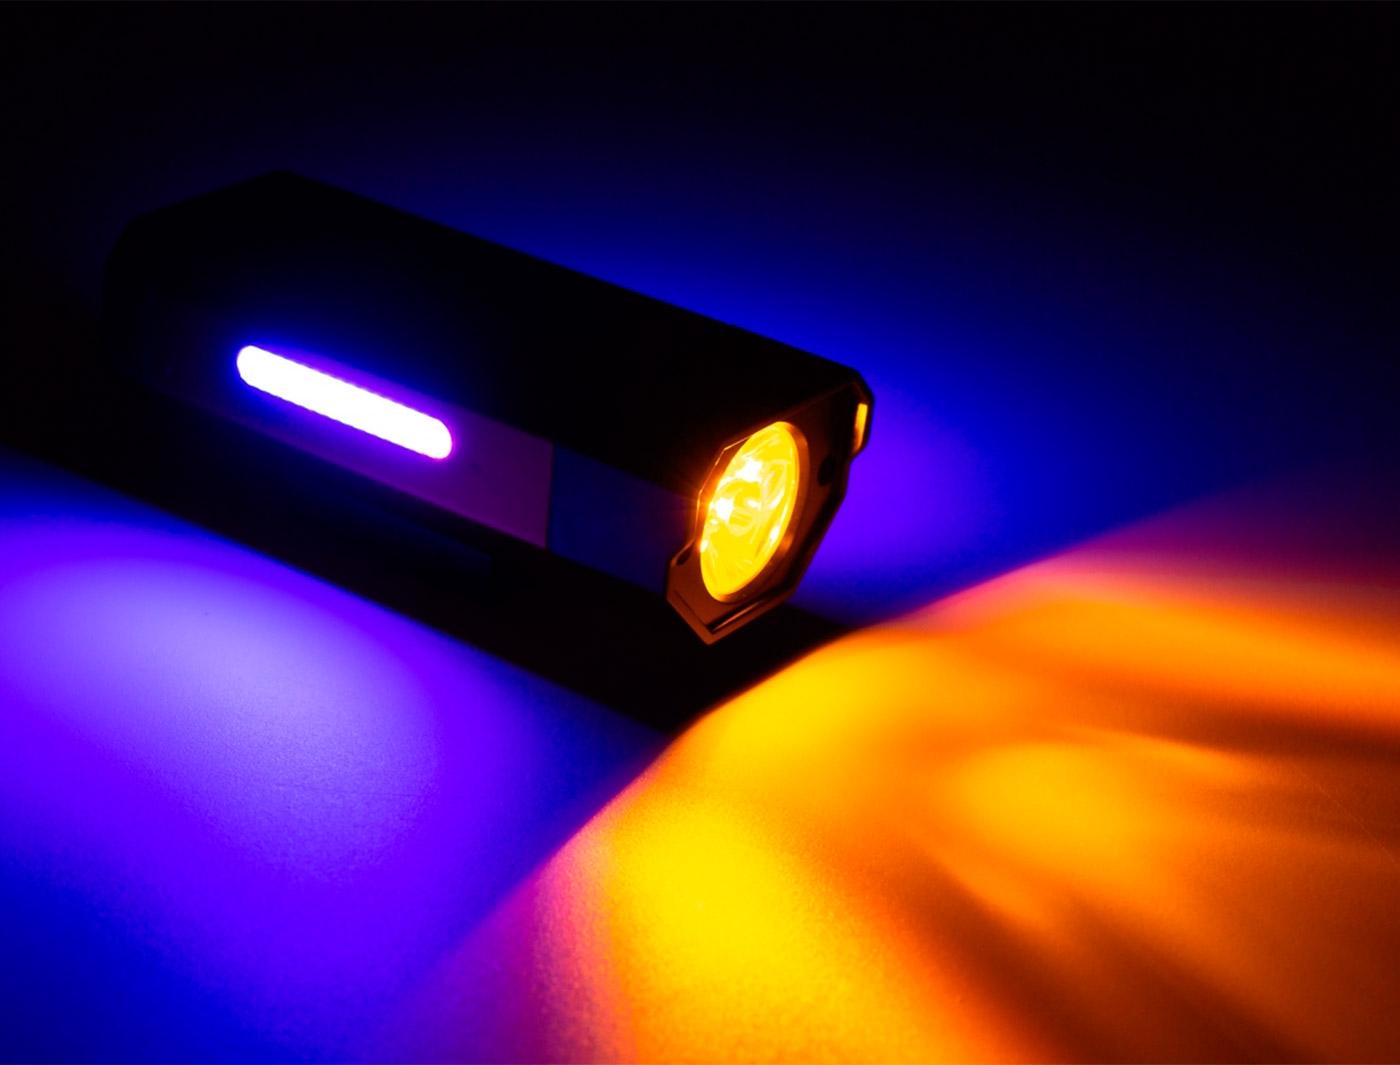 Фонарь передний Lumen 209, 800 lumens, USB, 2500mAh